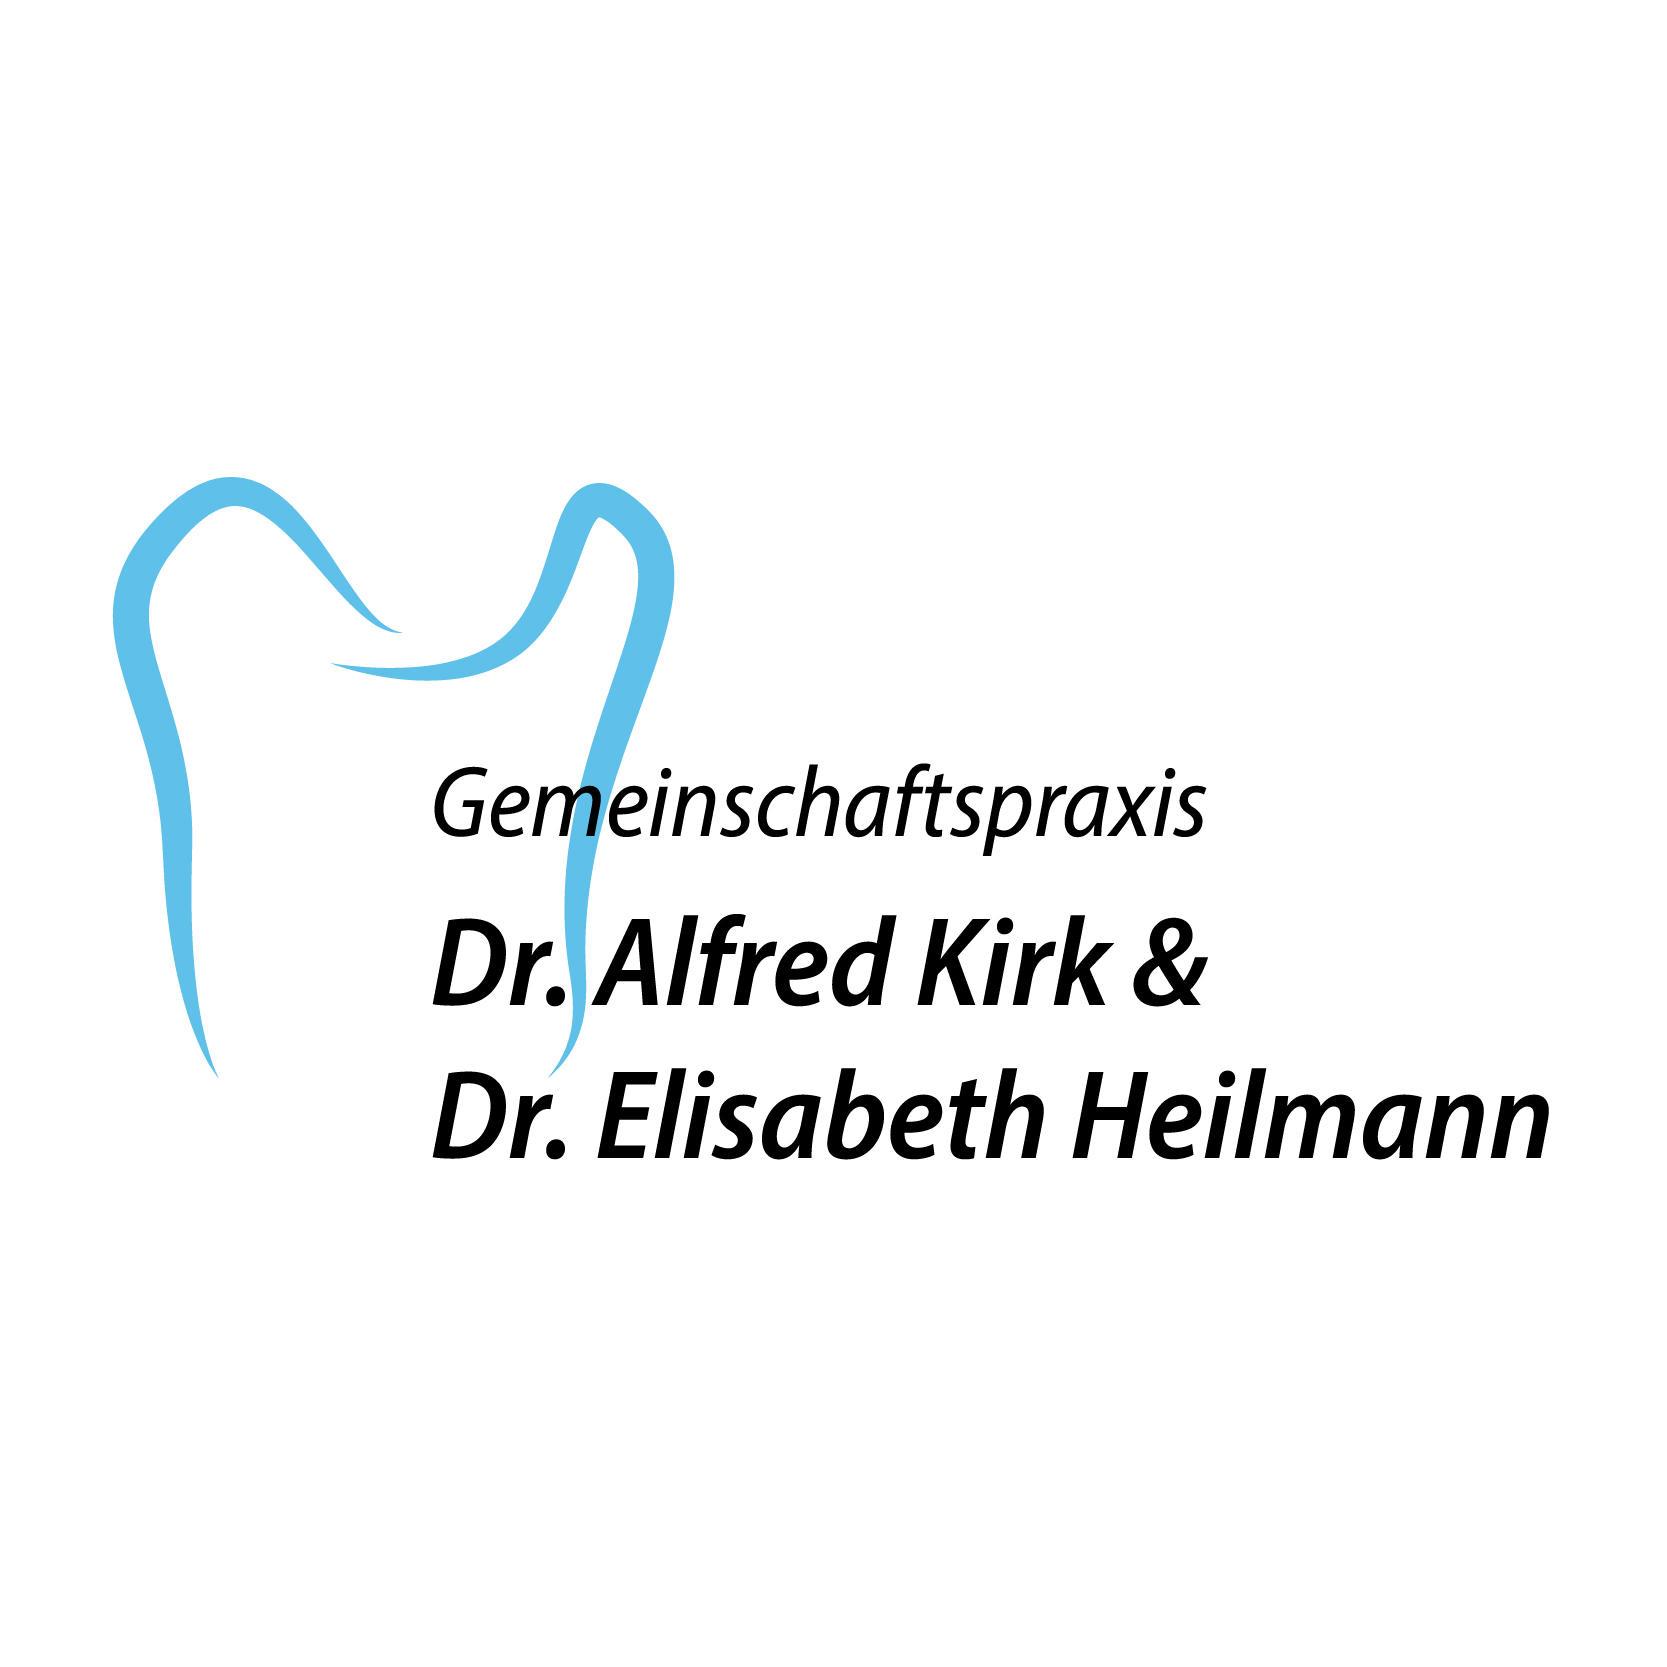 Gemeinschaftspraxis Dr. Alfred Kirk & Dr. Elisabeth Heilmann